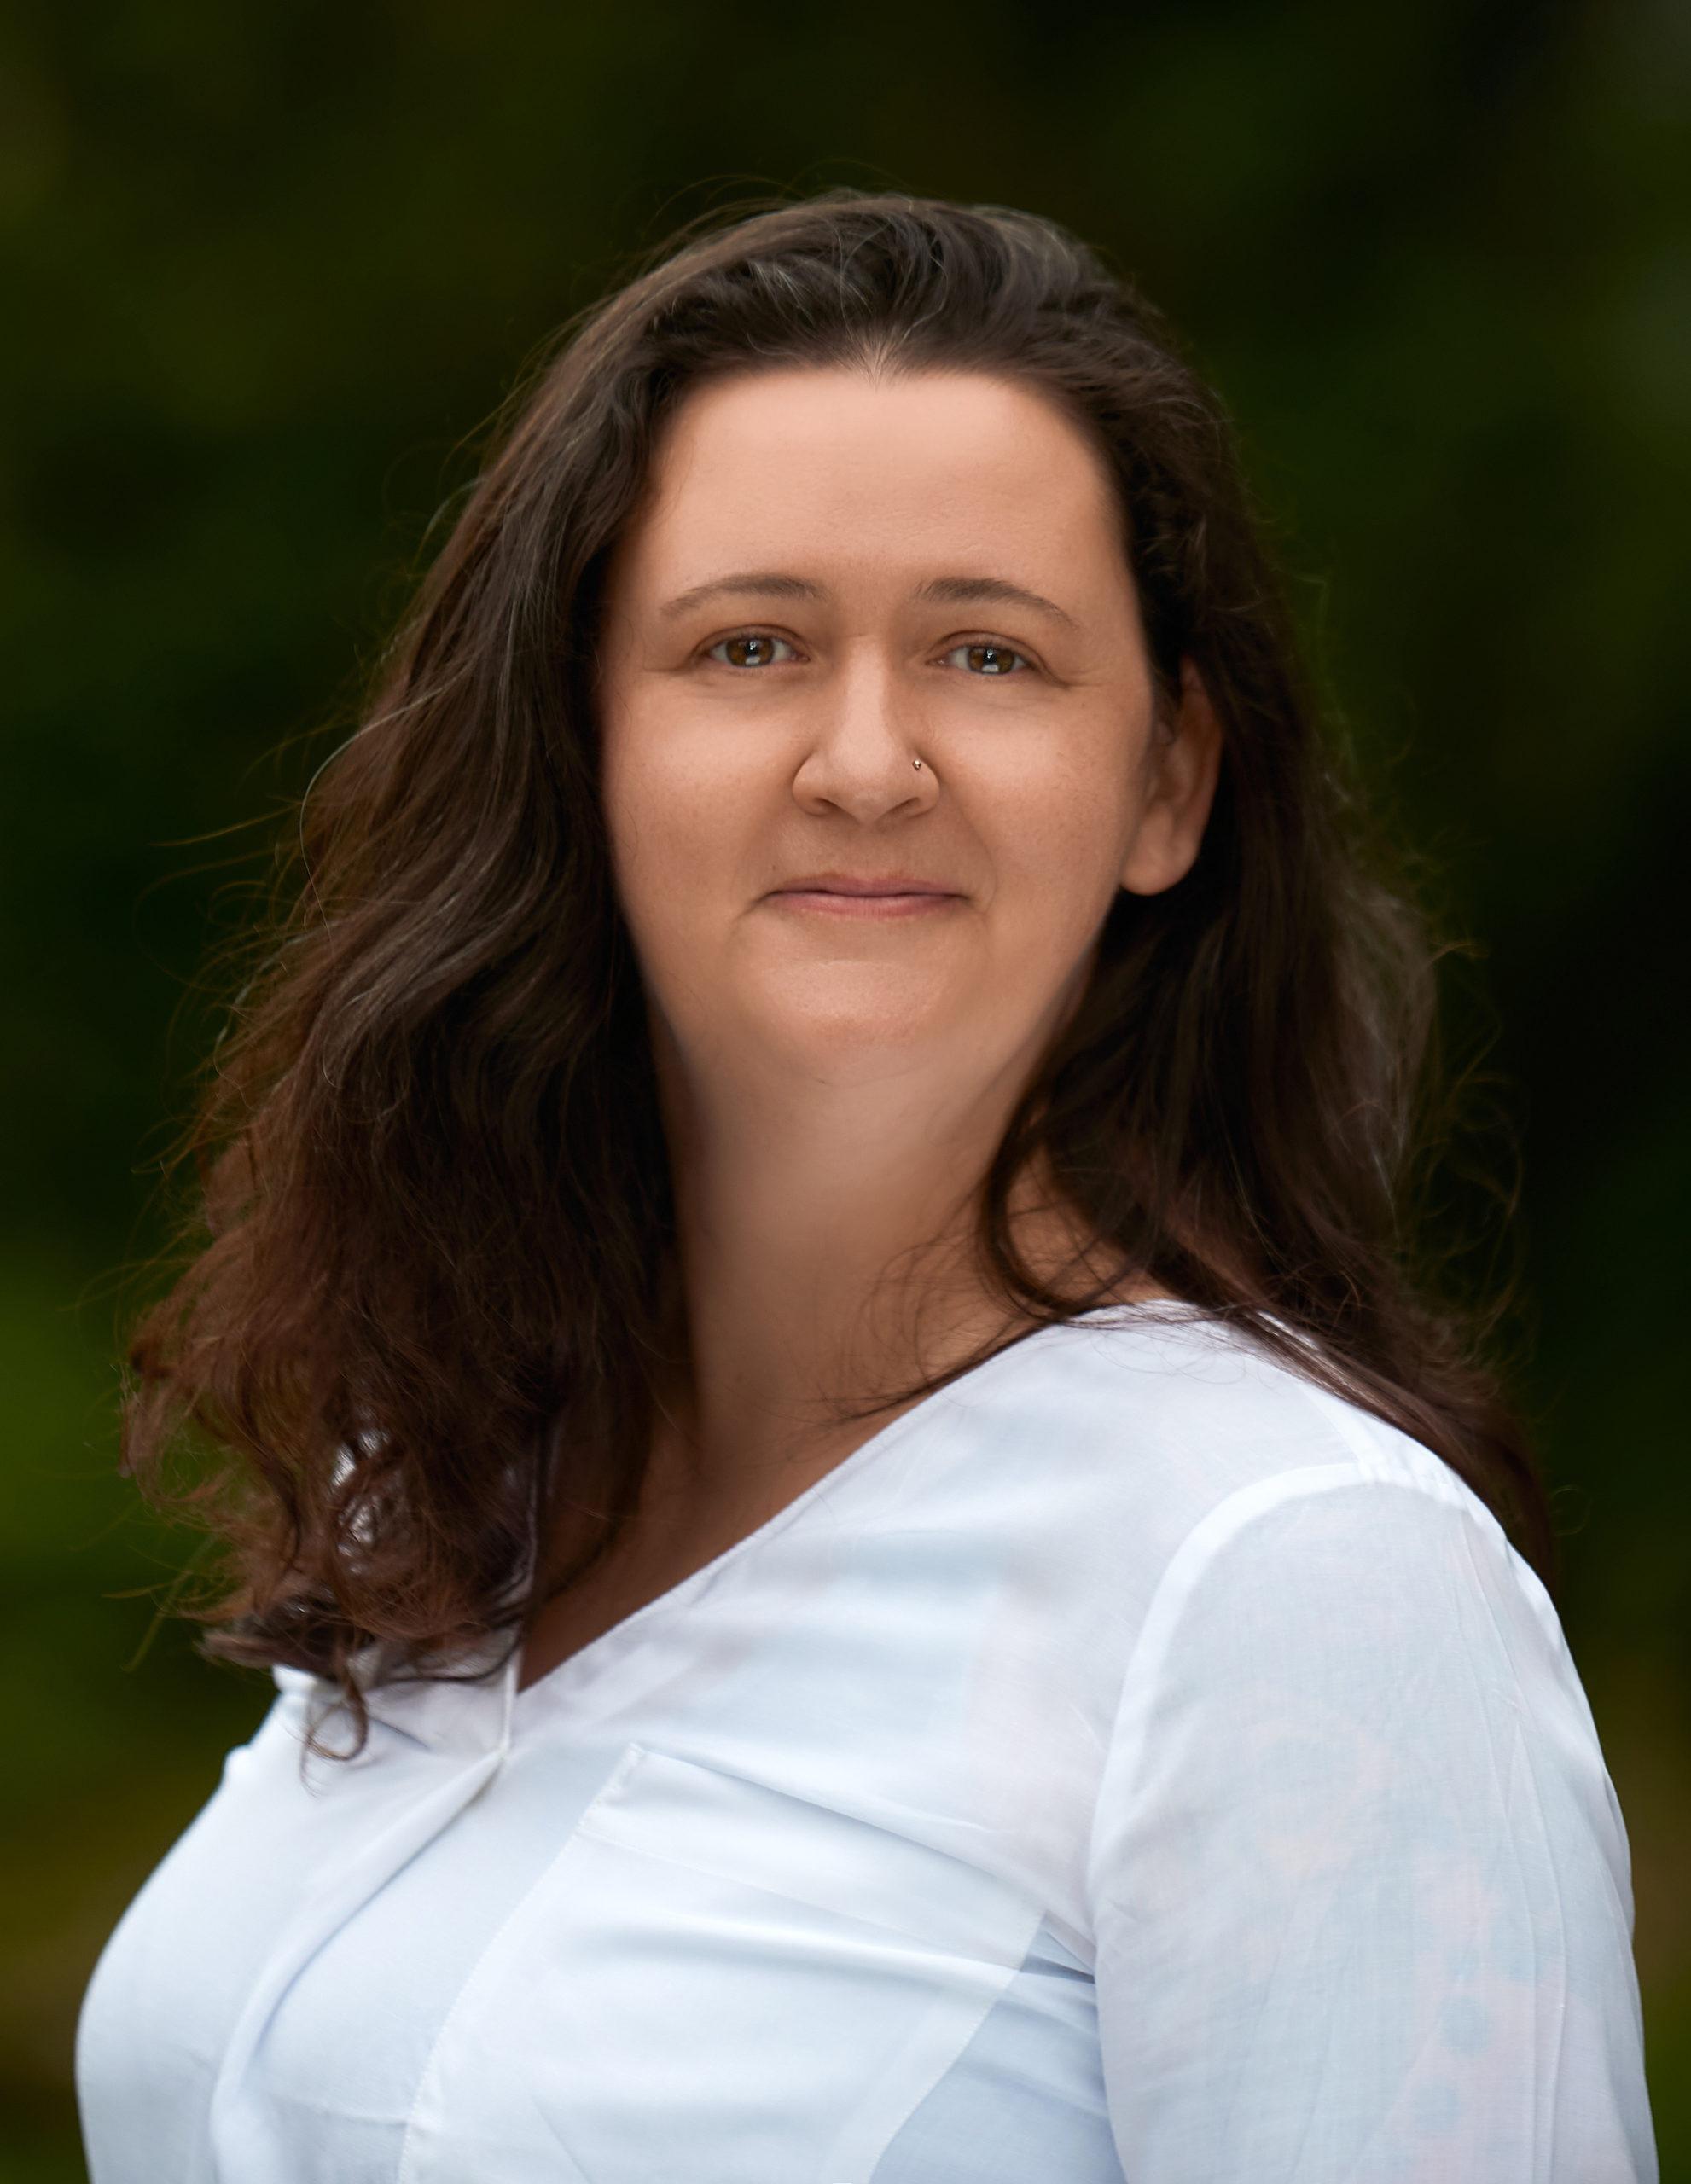 Stacey Lawless - Bacalarus - Szkoła Języków Obcych